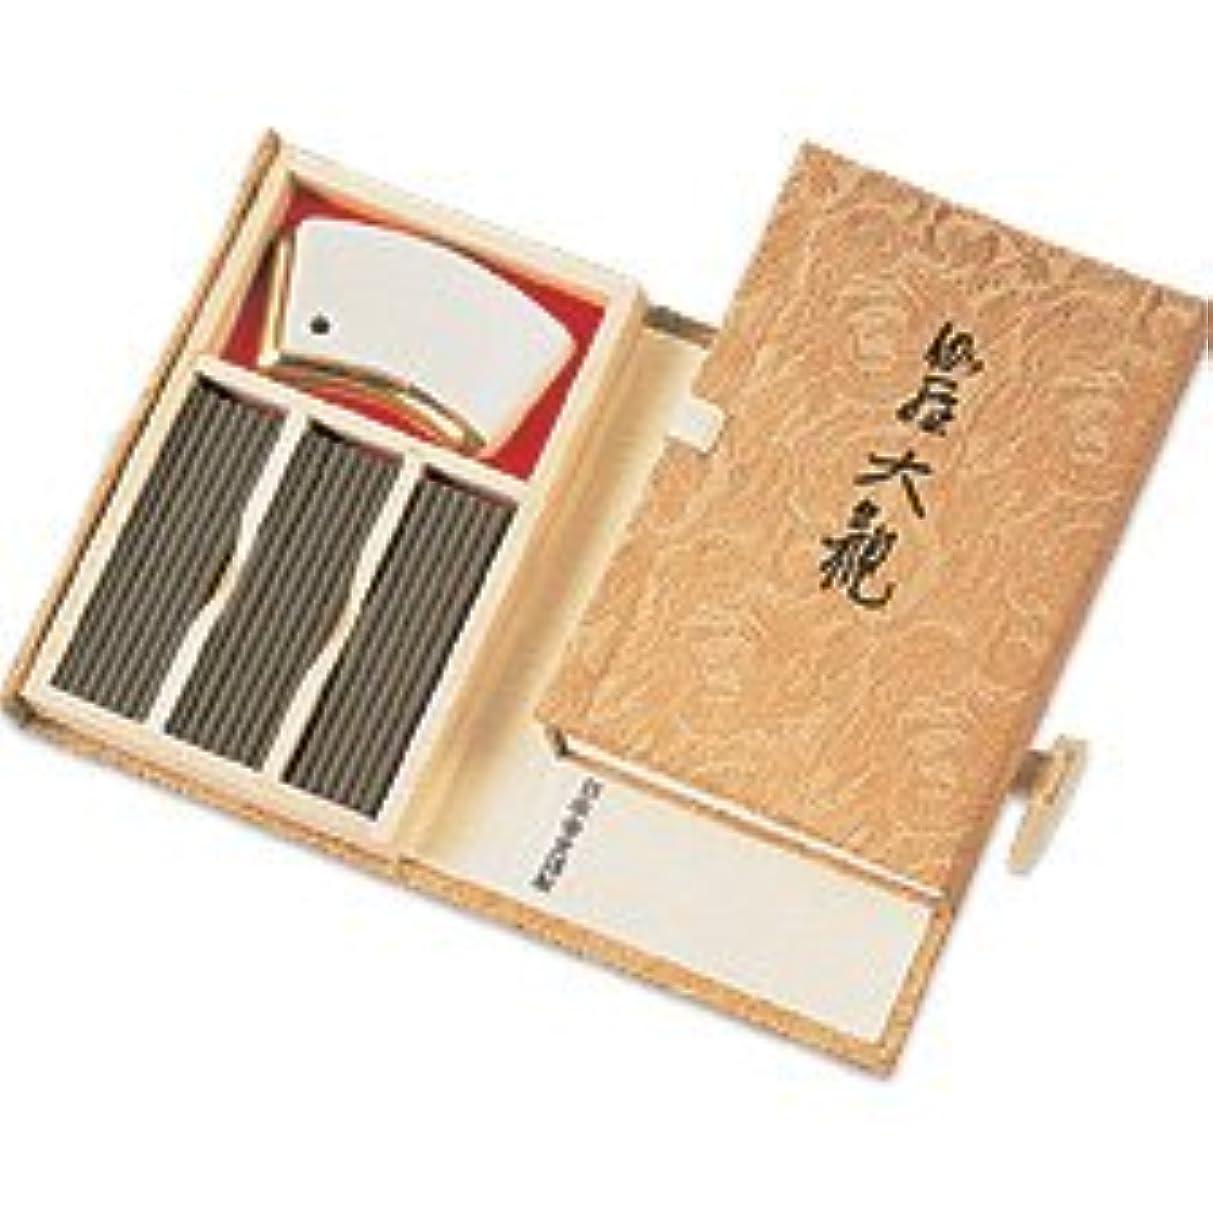 踊り子ヘア満足できるKyara Taikan – プレミアムAloeswood IncenseからNippon Kodo – ギフトボックス